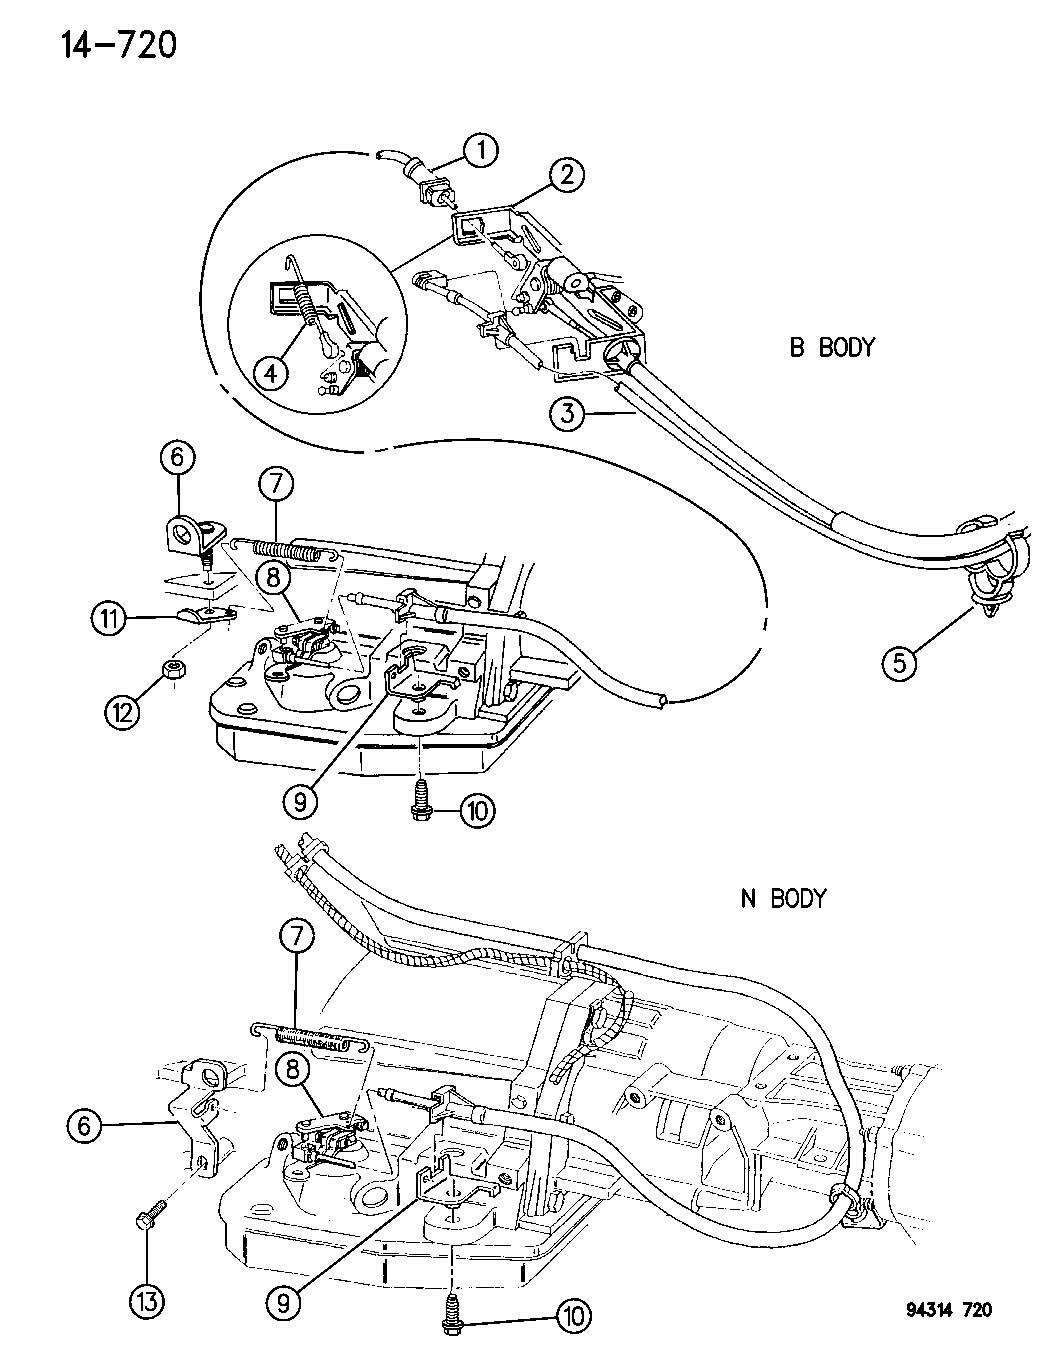 Dodge Dakota 5 2l V8 Mpi 4 Spd Automatic 46rh Throttle Controls 3 9l 5 2l And 5 9l Engine N B